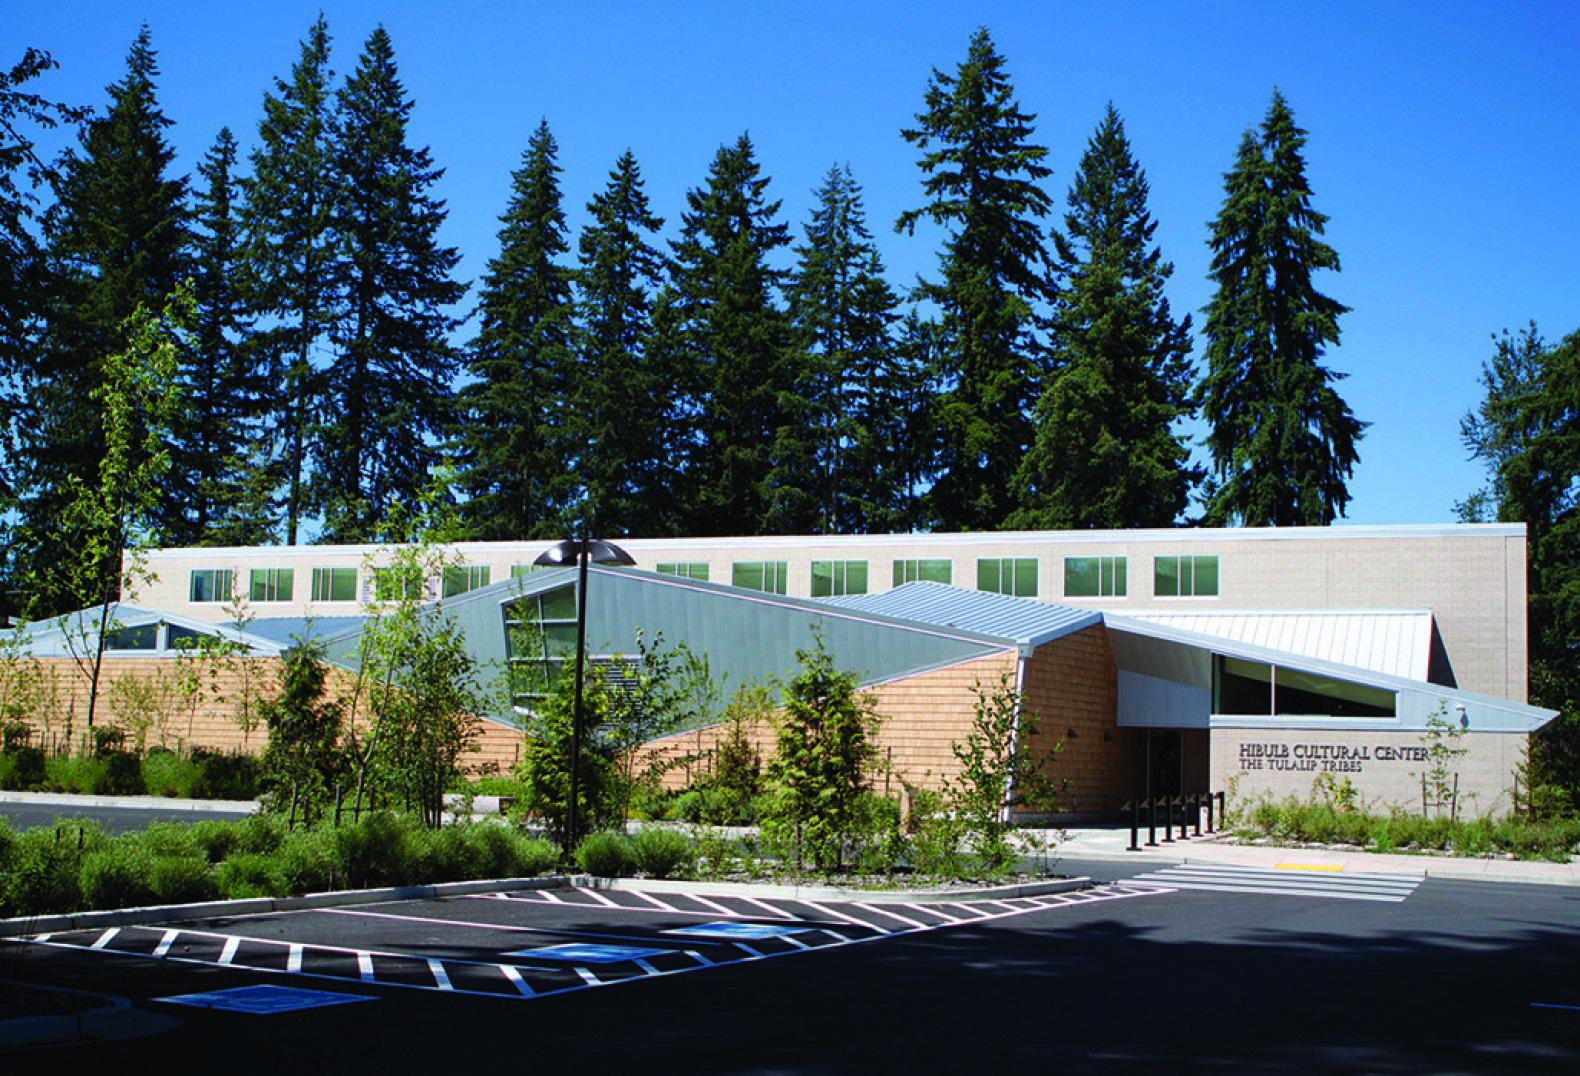 Hibulb Cultural Center Building